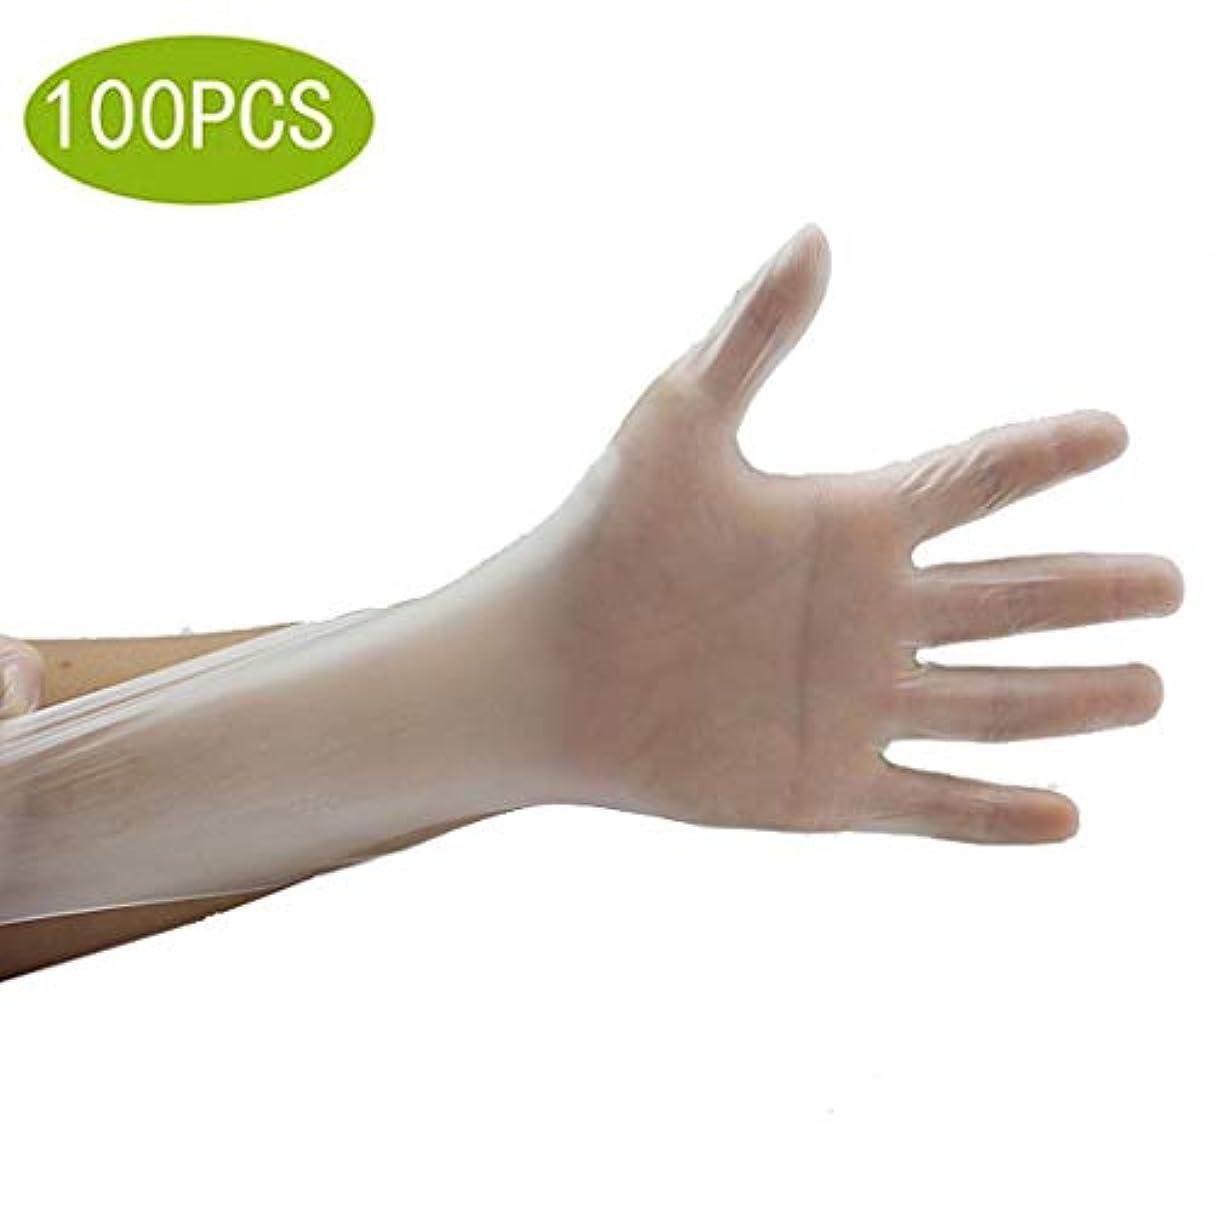 応援する粒子完璧使い捨てビニール手袋、無菌、パウダーフリー、スムースタッチ、フードサービスグレード、ミディアムサイズ[100パック] (Color : White)